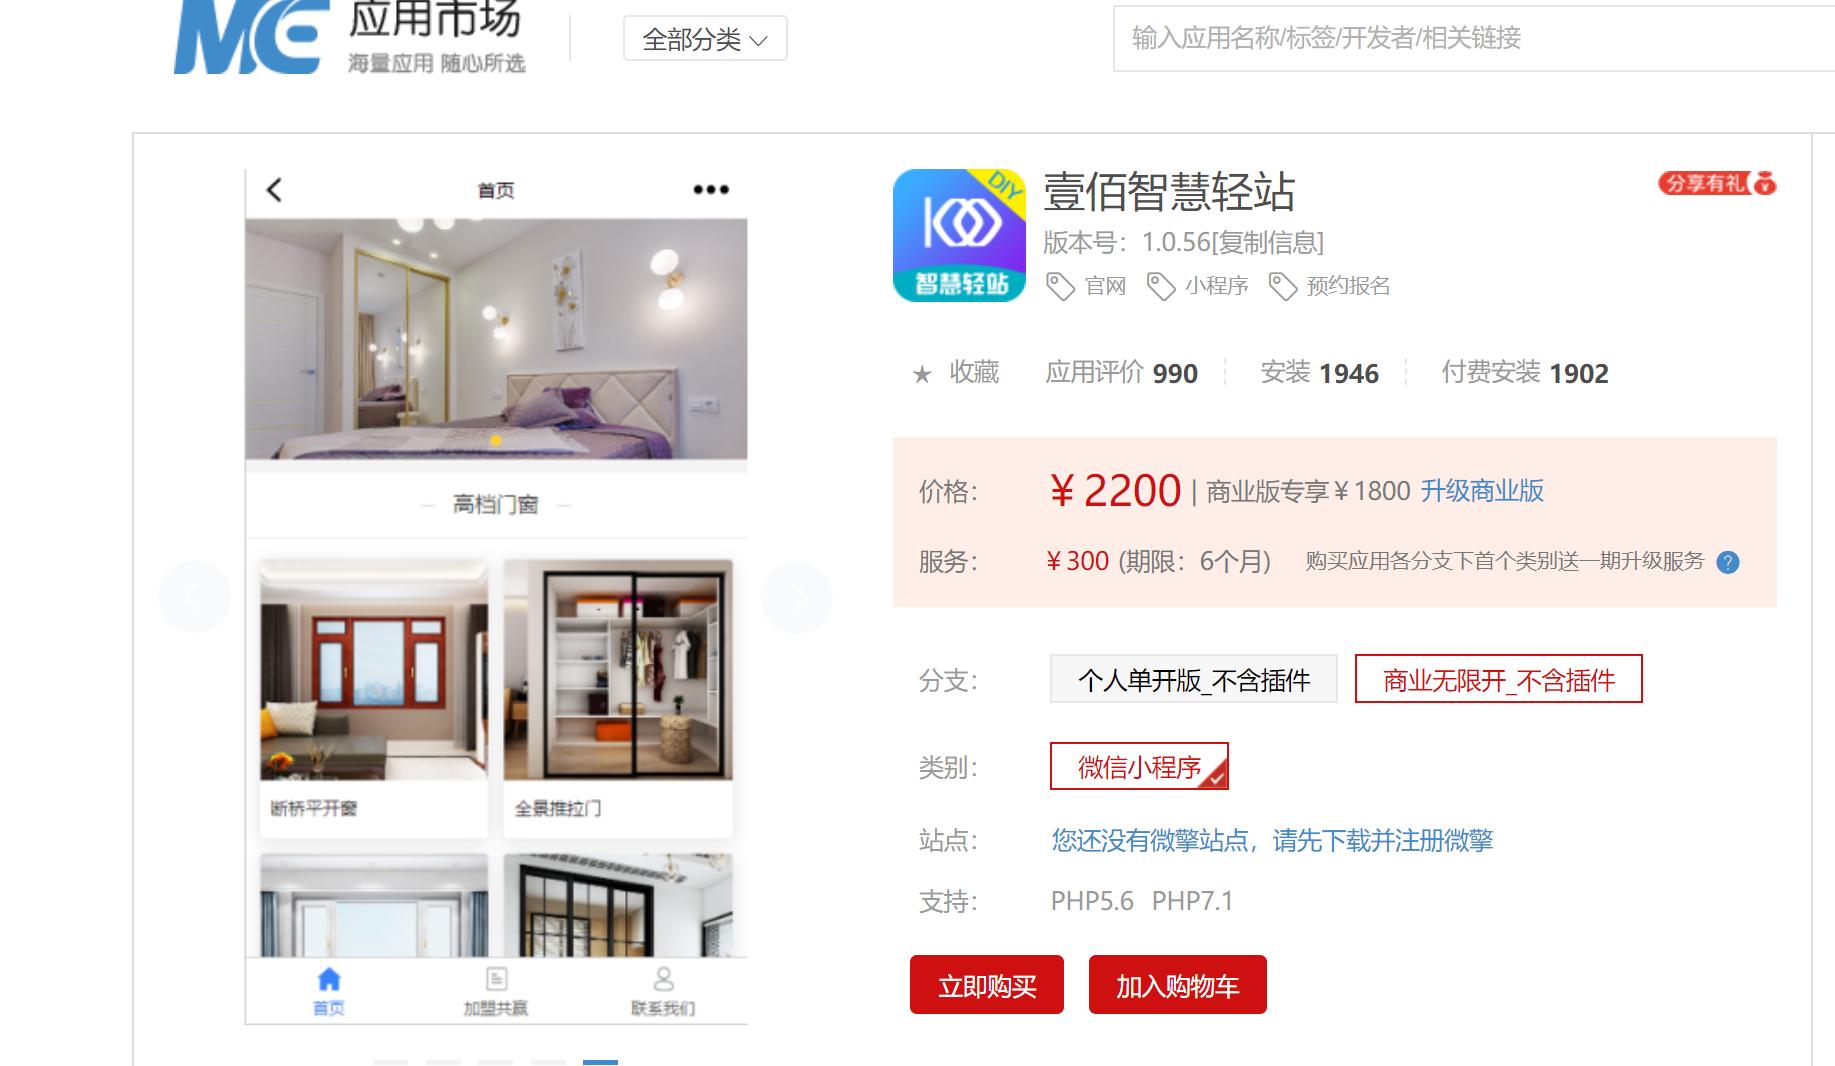 【更新】壹佰智慧轻站1.058 商业无限开_含全插件